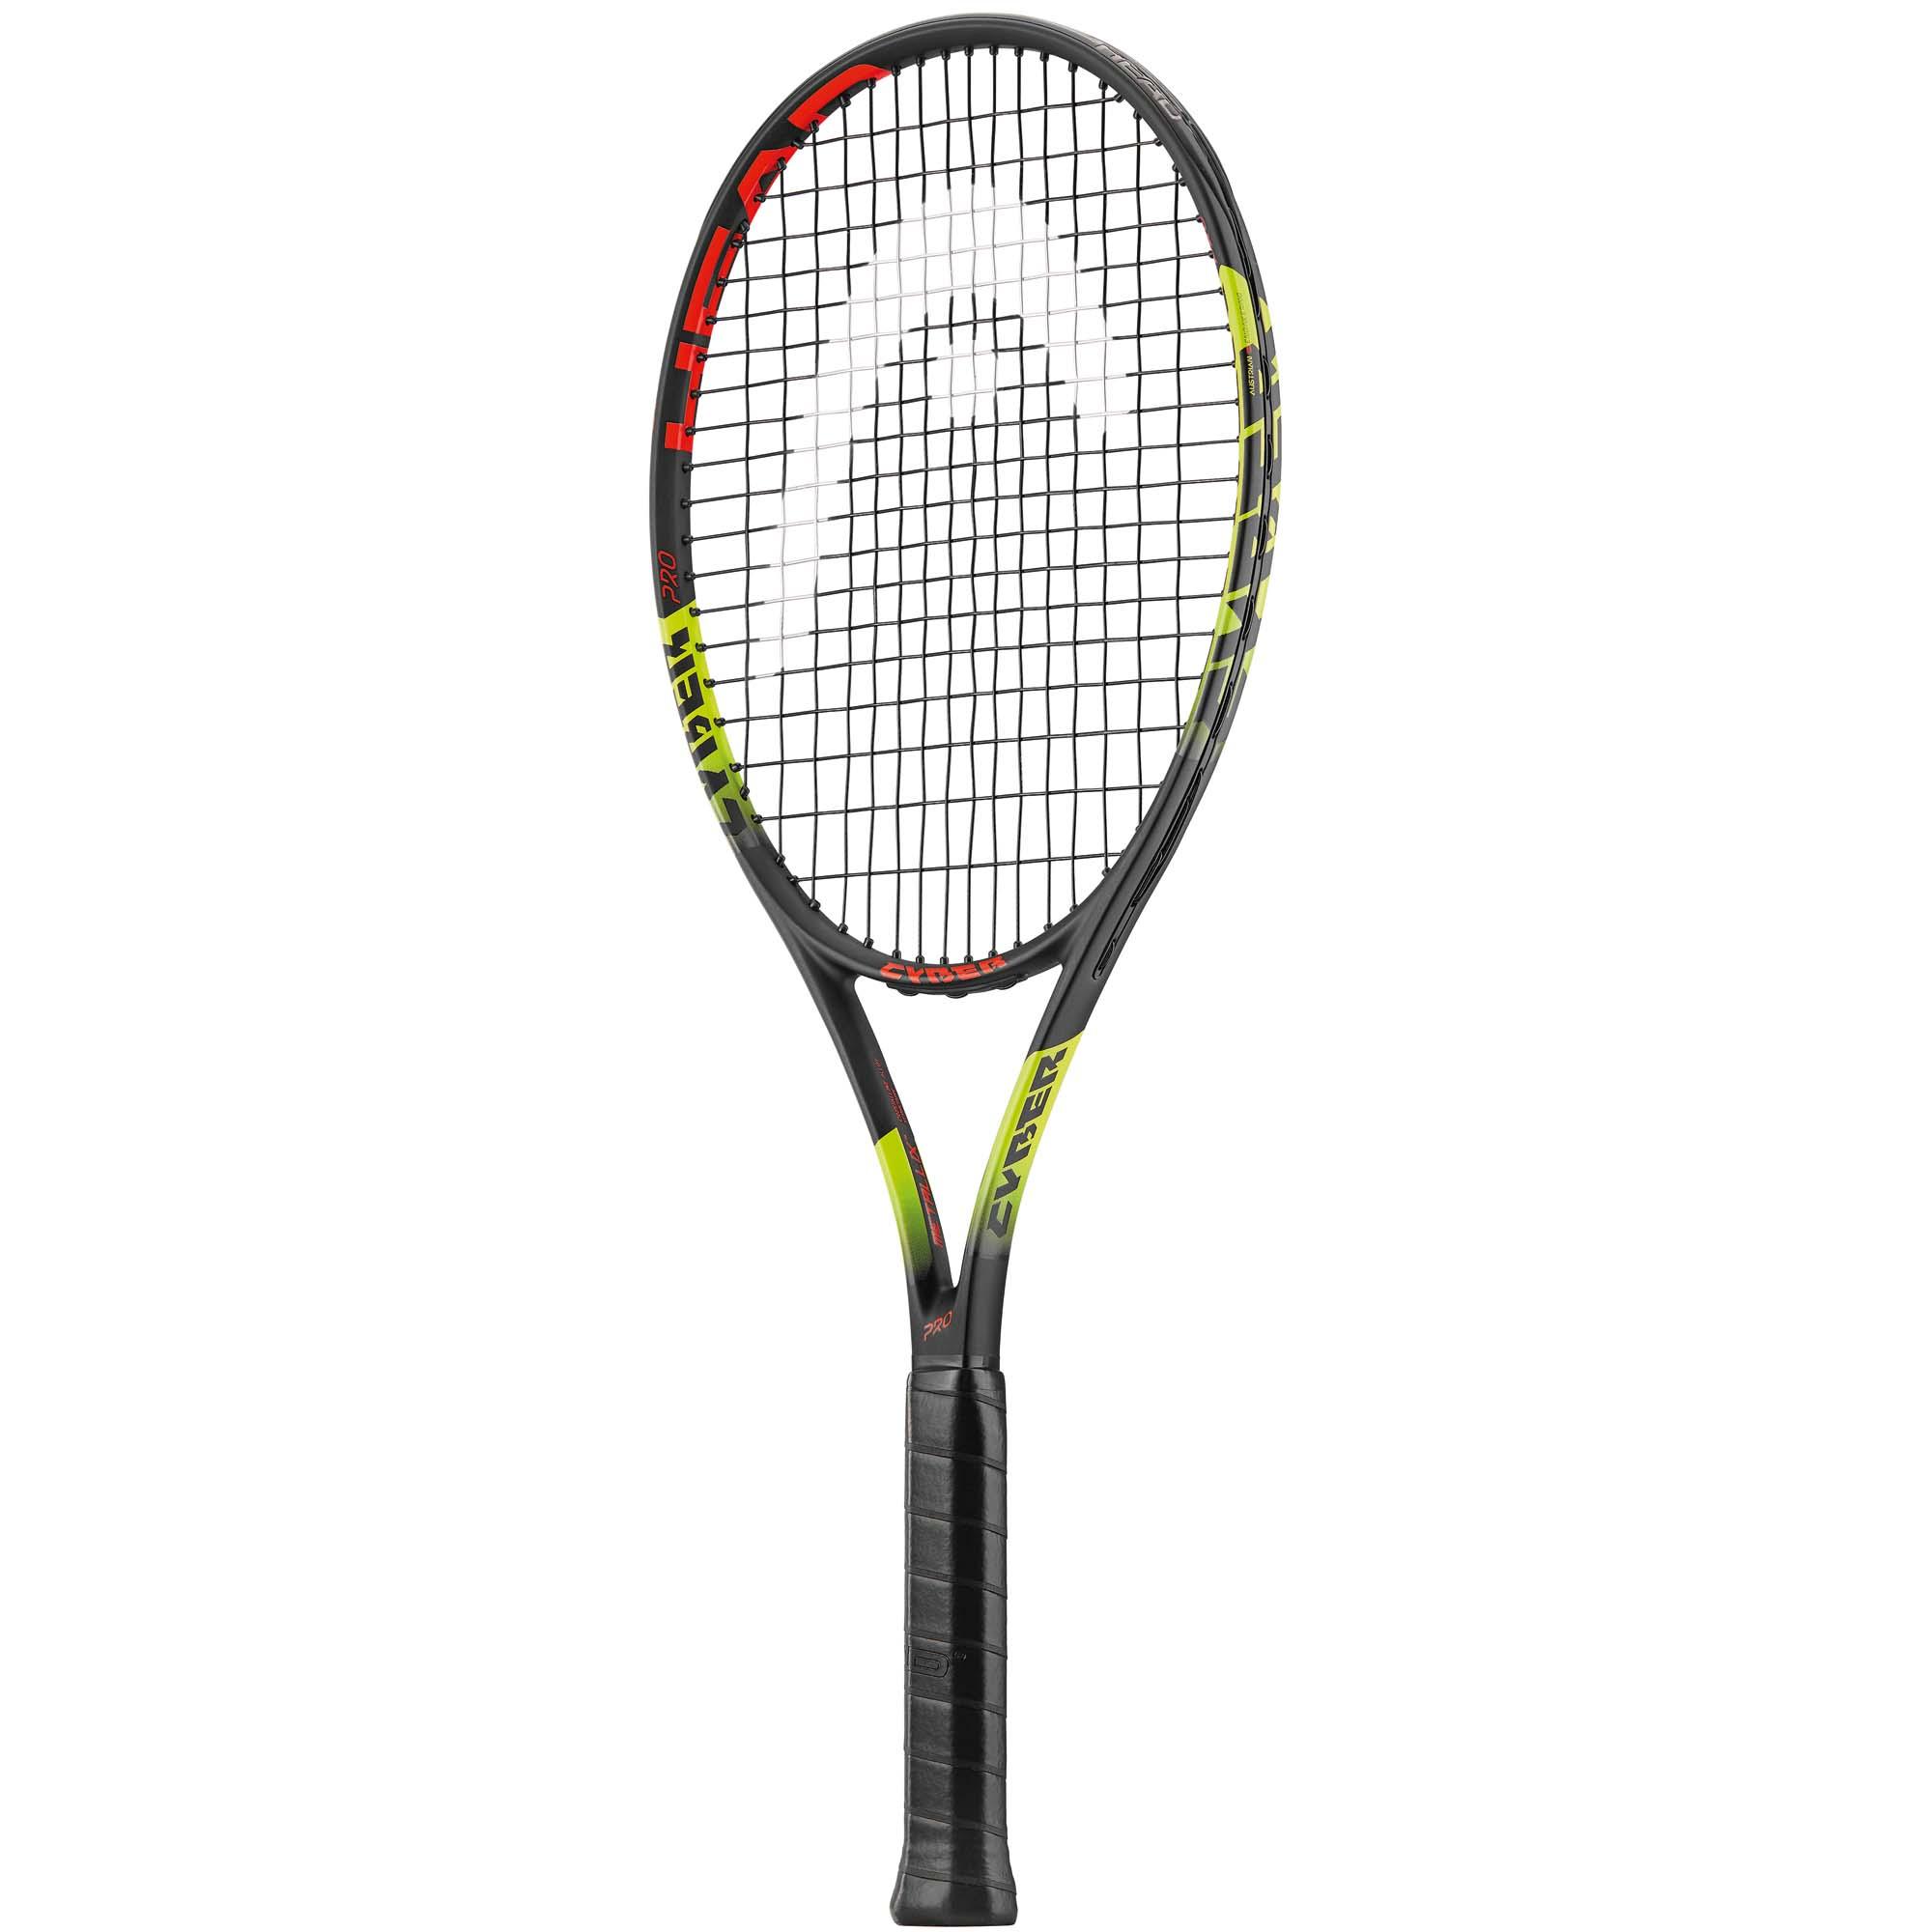 Head MX Cyber Pro Tennis Racket  Grip 1